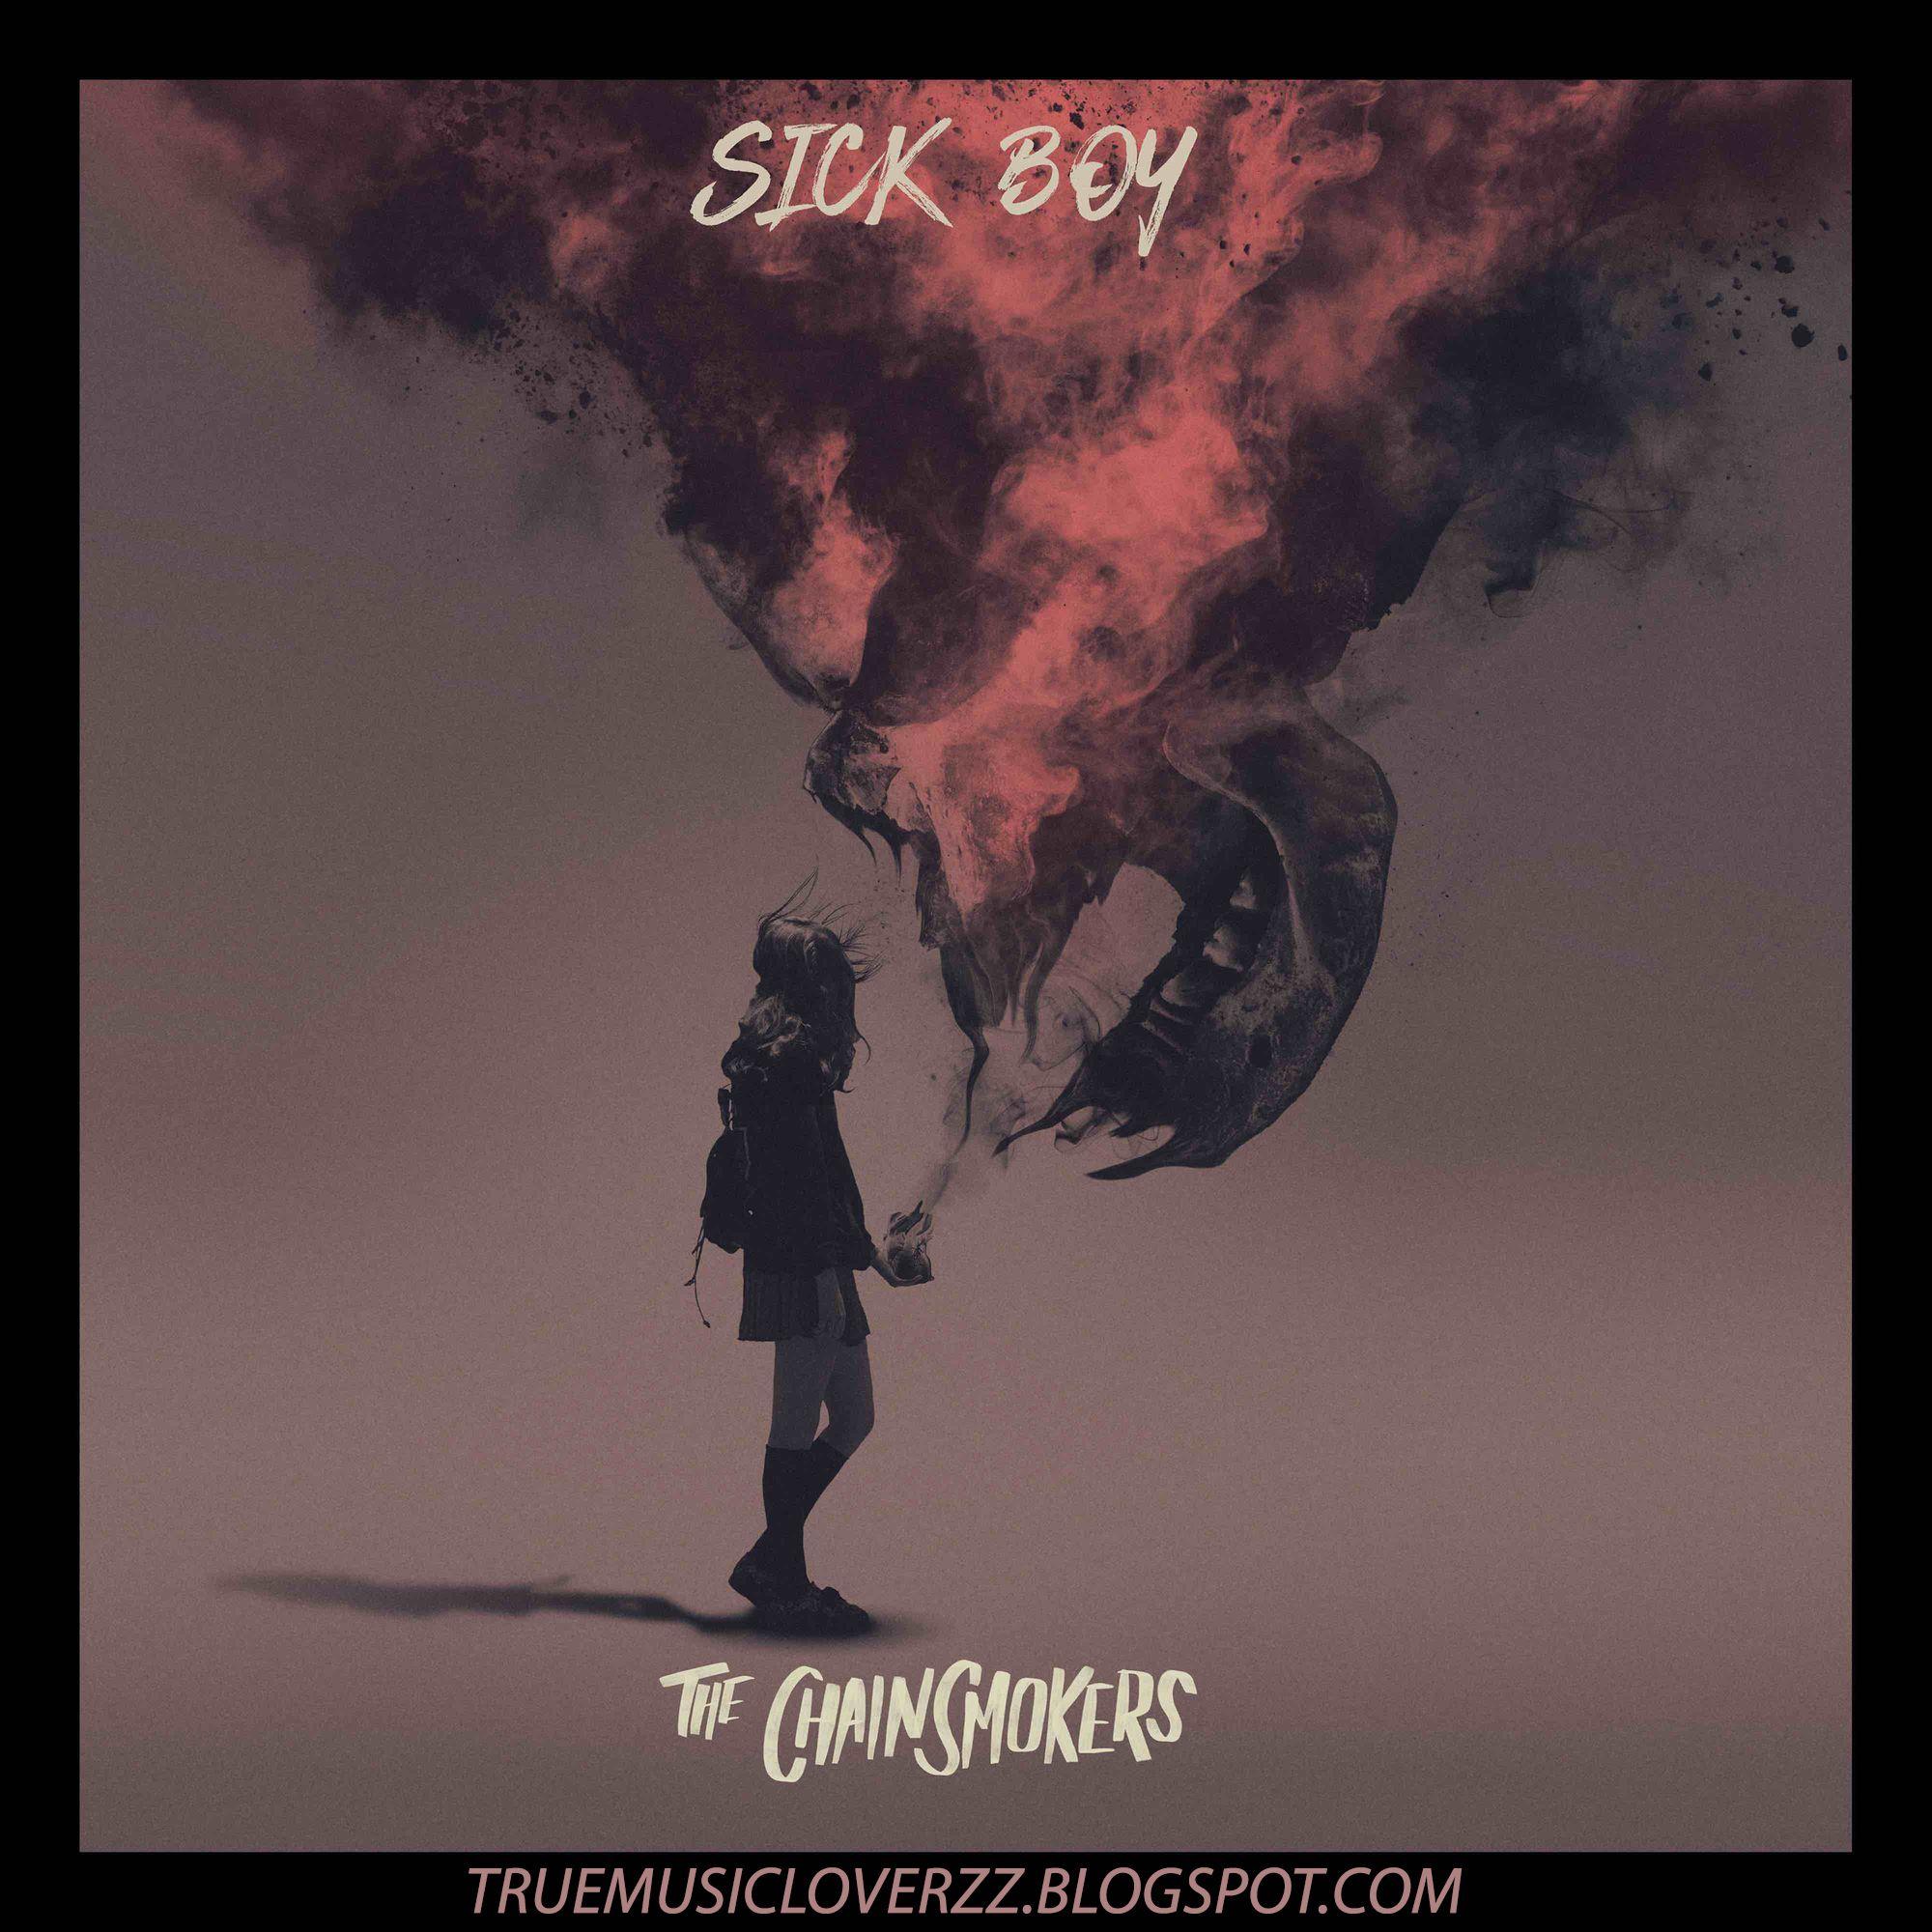 Pin by Pushpender Thakur on TrueMusicLoverzz | Chainsmokers, Sick